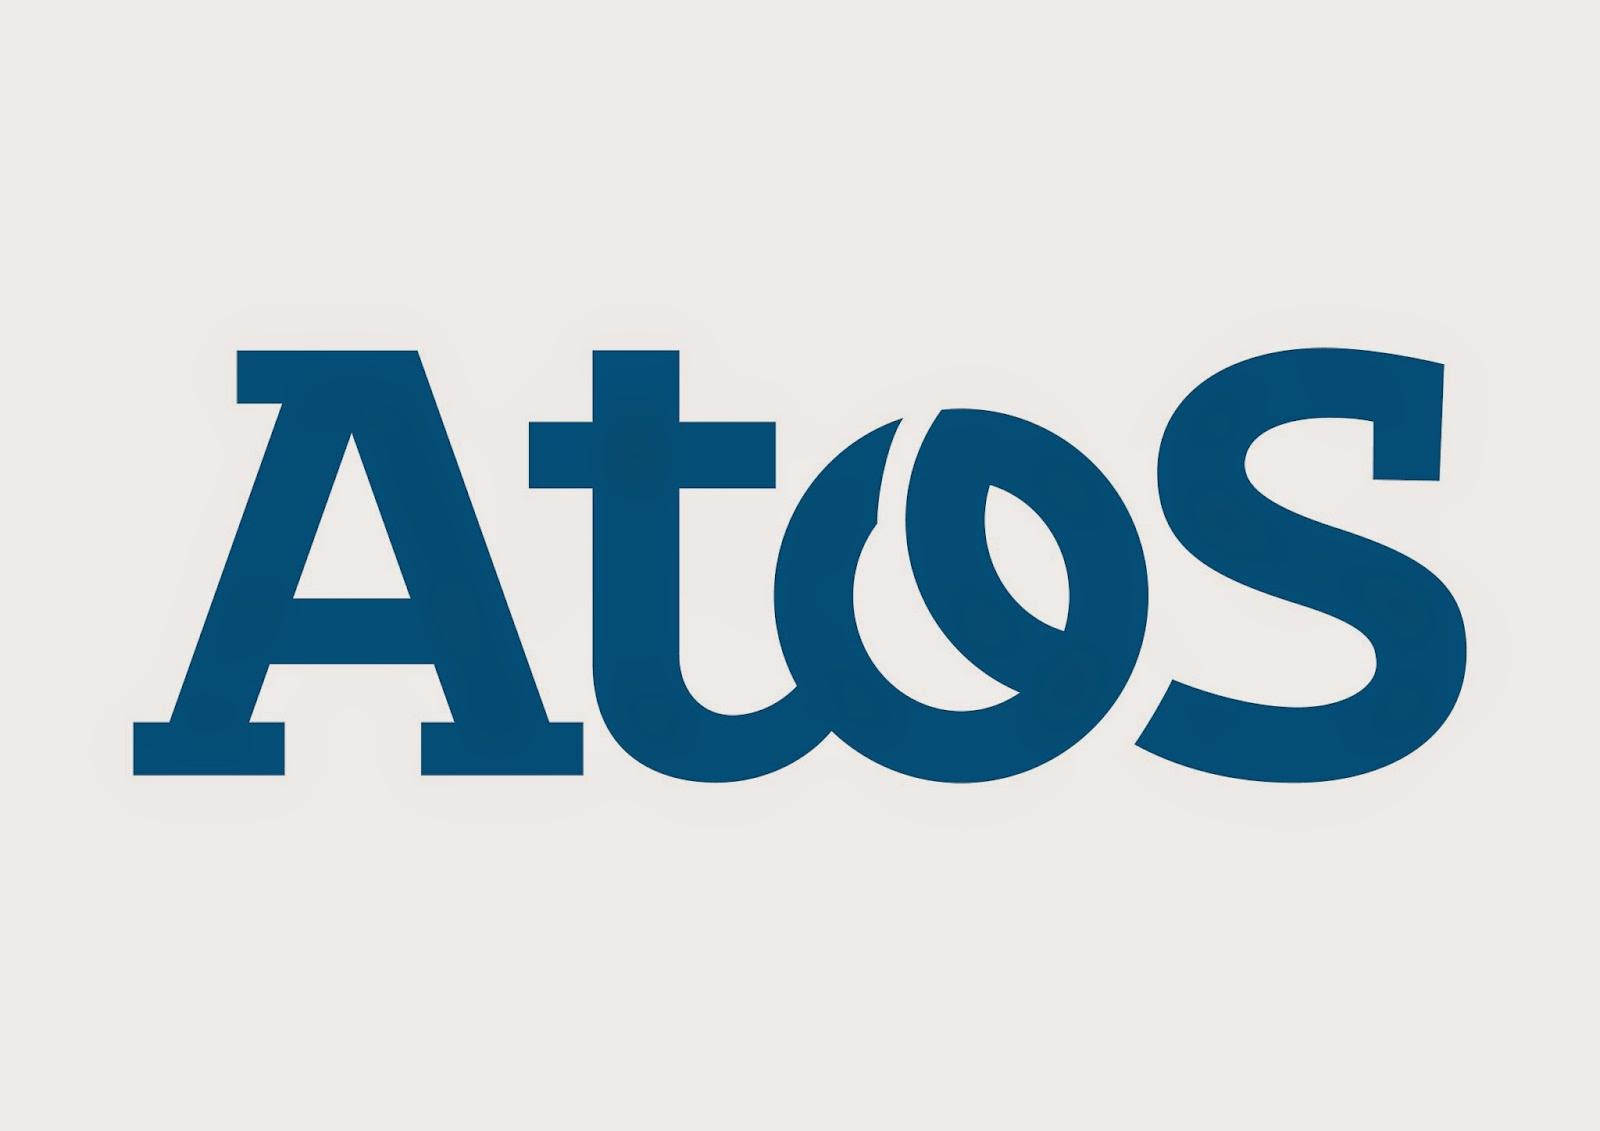 Atos-logo-company-images